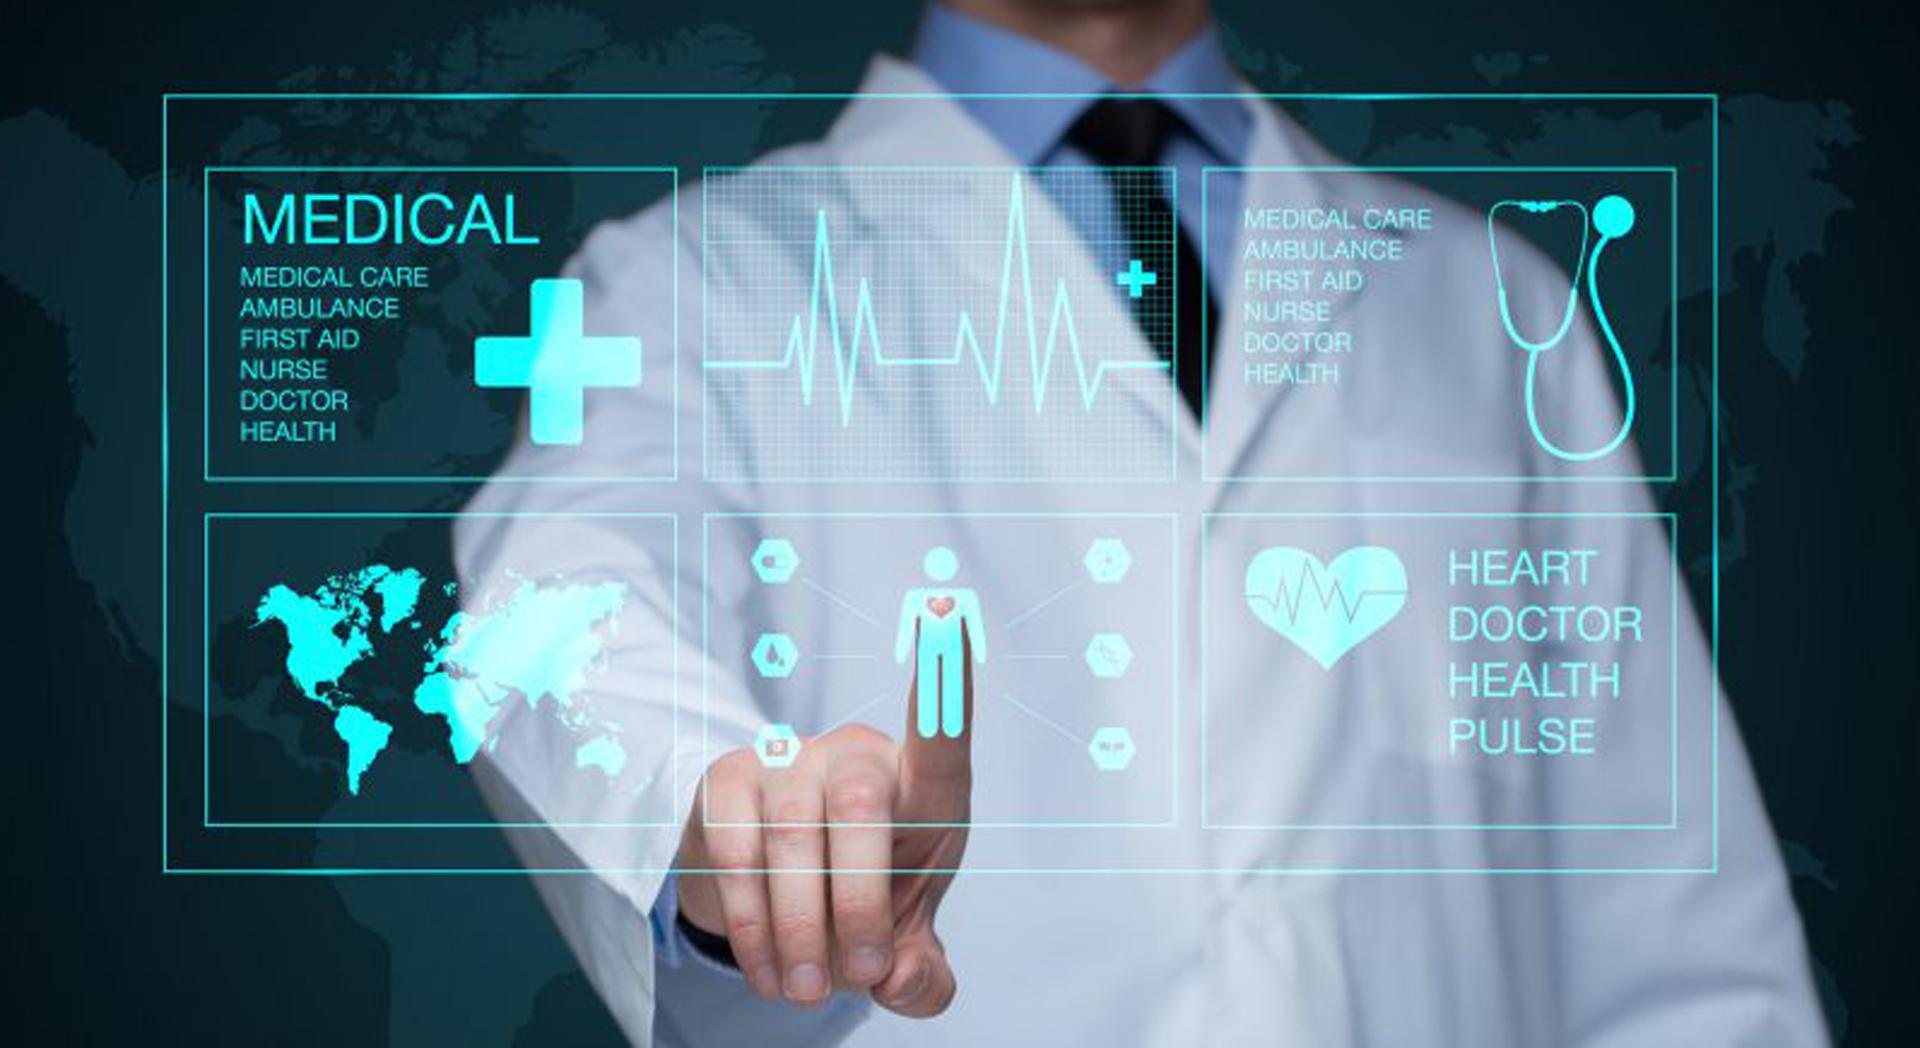 La inteligencia artificial brinda herramientas para mejorar el cuidado de la salud.